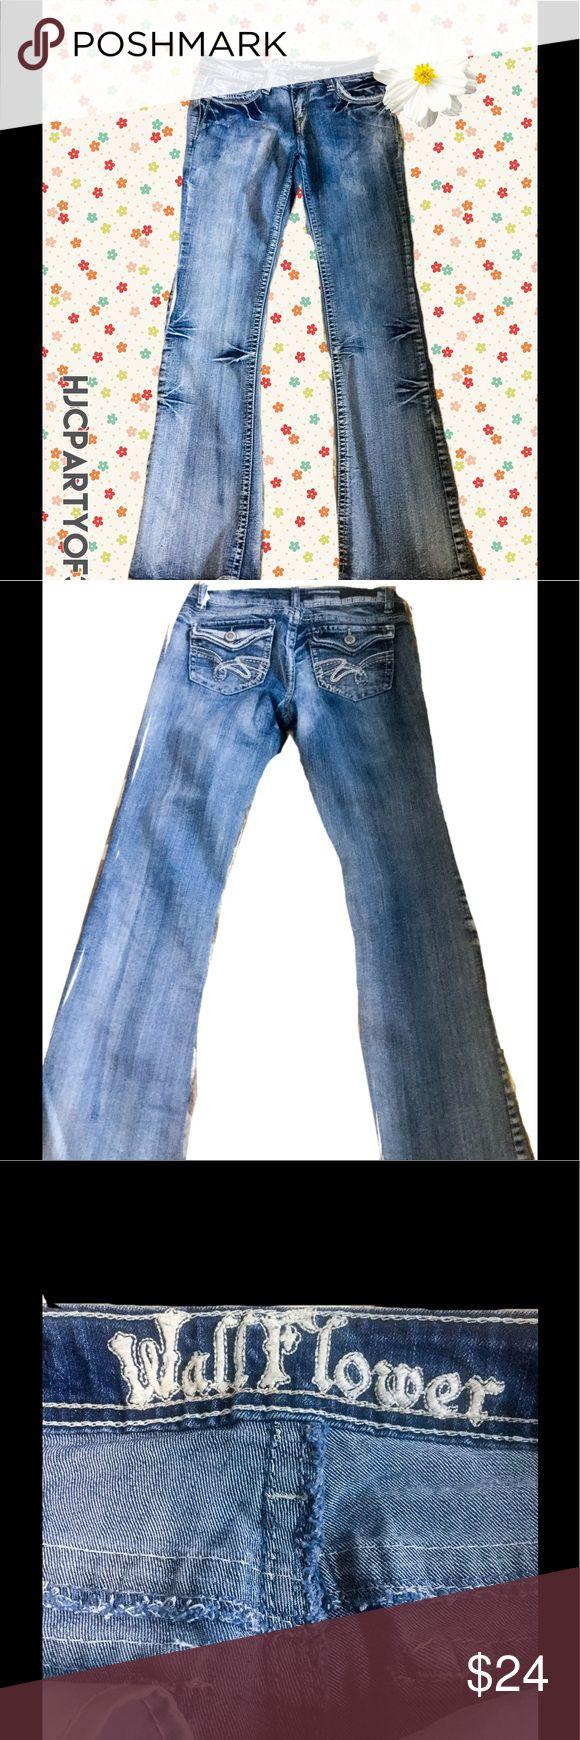 NWOT WALLFLOWER JEANS, SIZE 9, Juniors NWOT WALLFLOWER JEANS, SIZE 9, Juniors Wallflower Jeans Flare & Wide Leg